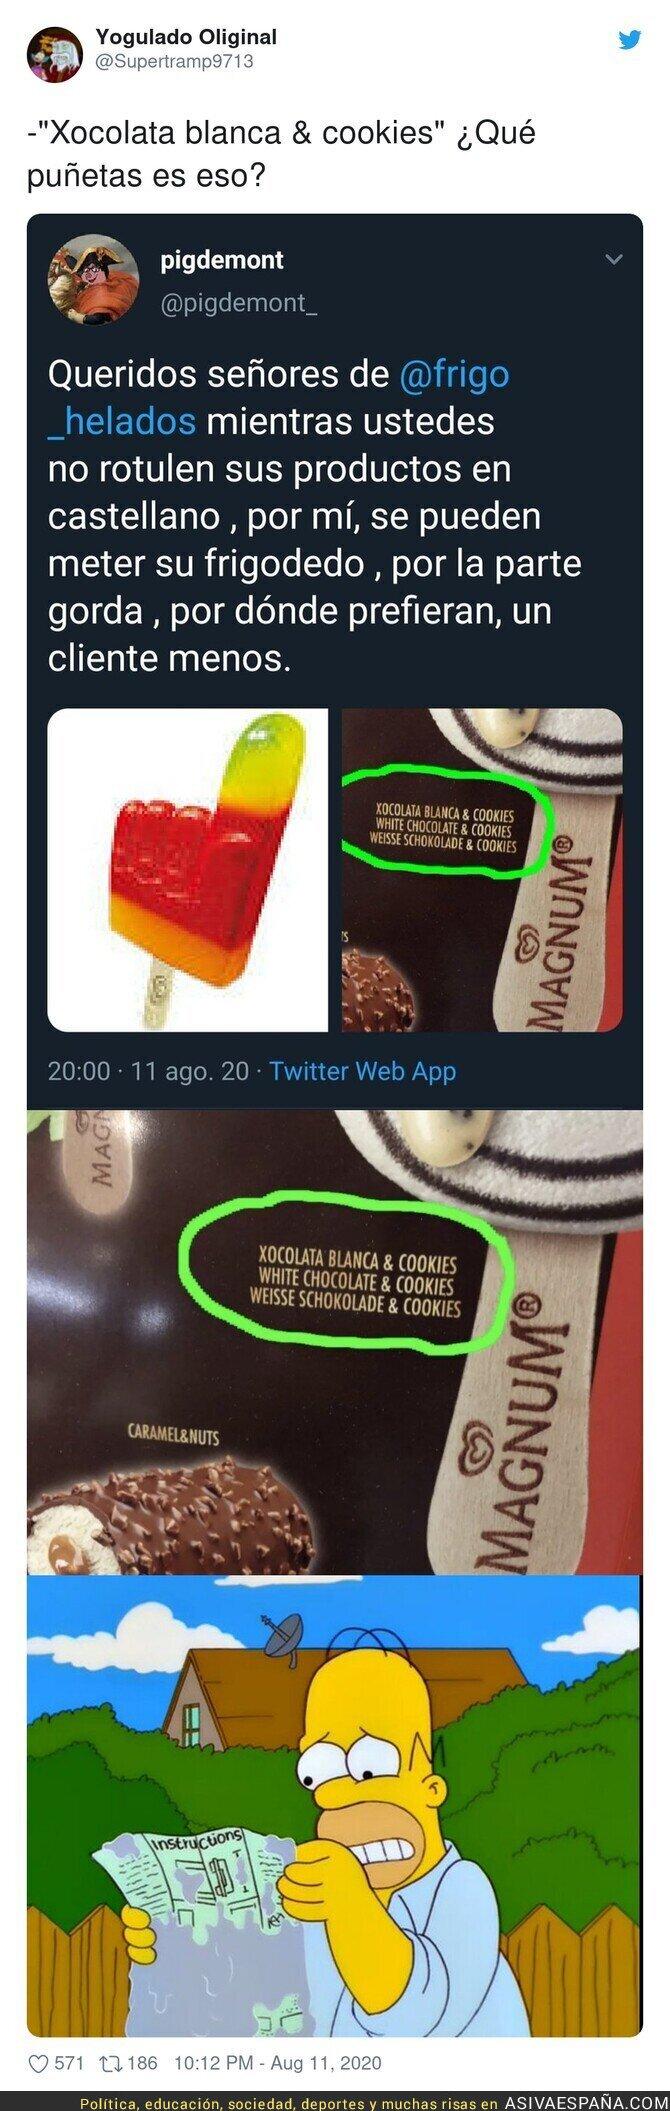 317062 - La catalanofobia llega a este paquete de helados Magnum y que esta persona se queja por el idioma con este mensaje